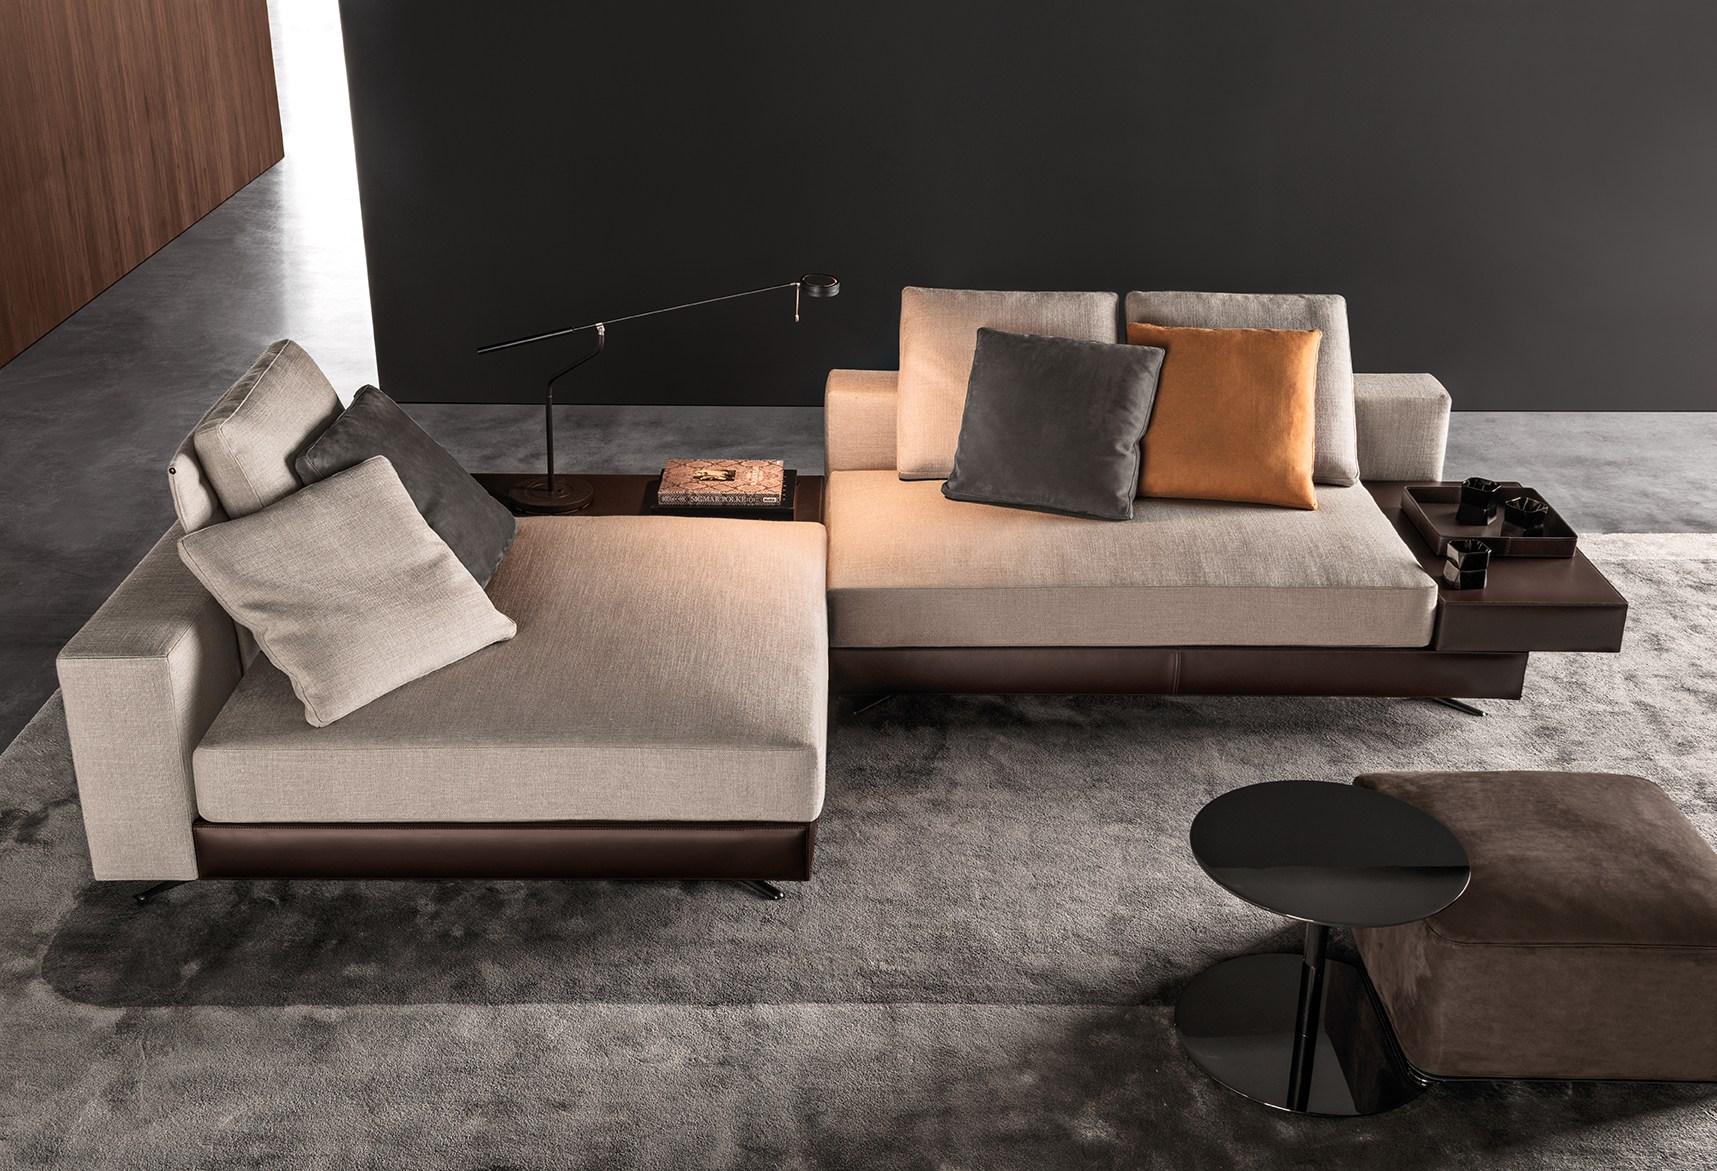 White Seating System by Rodolfo Dordoni for Minotti